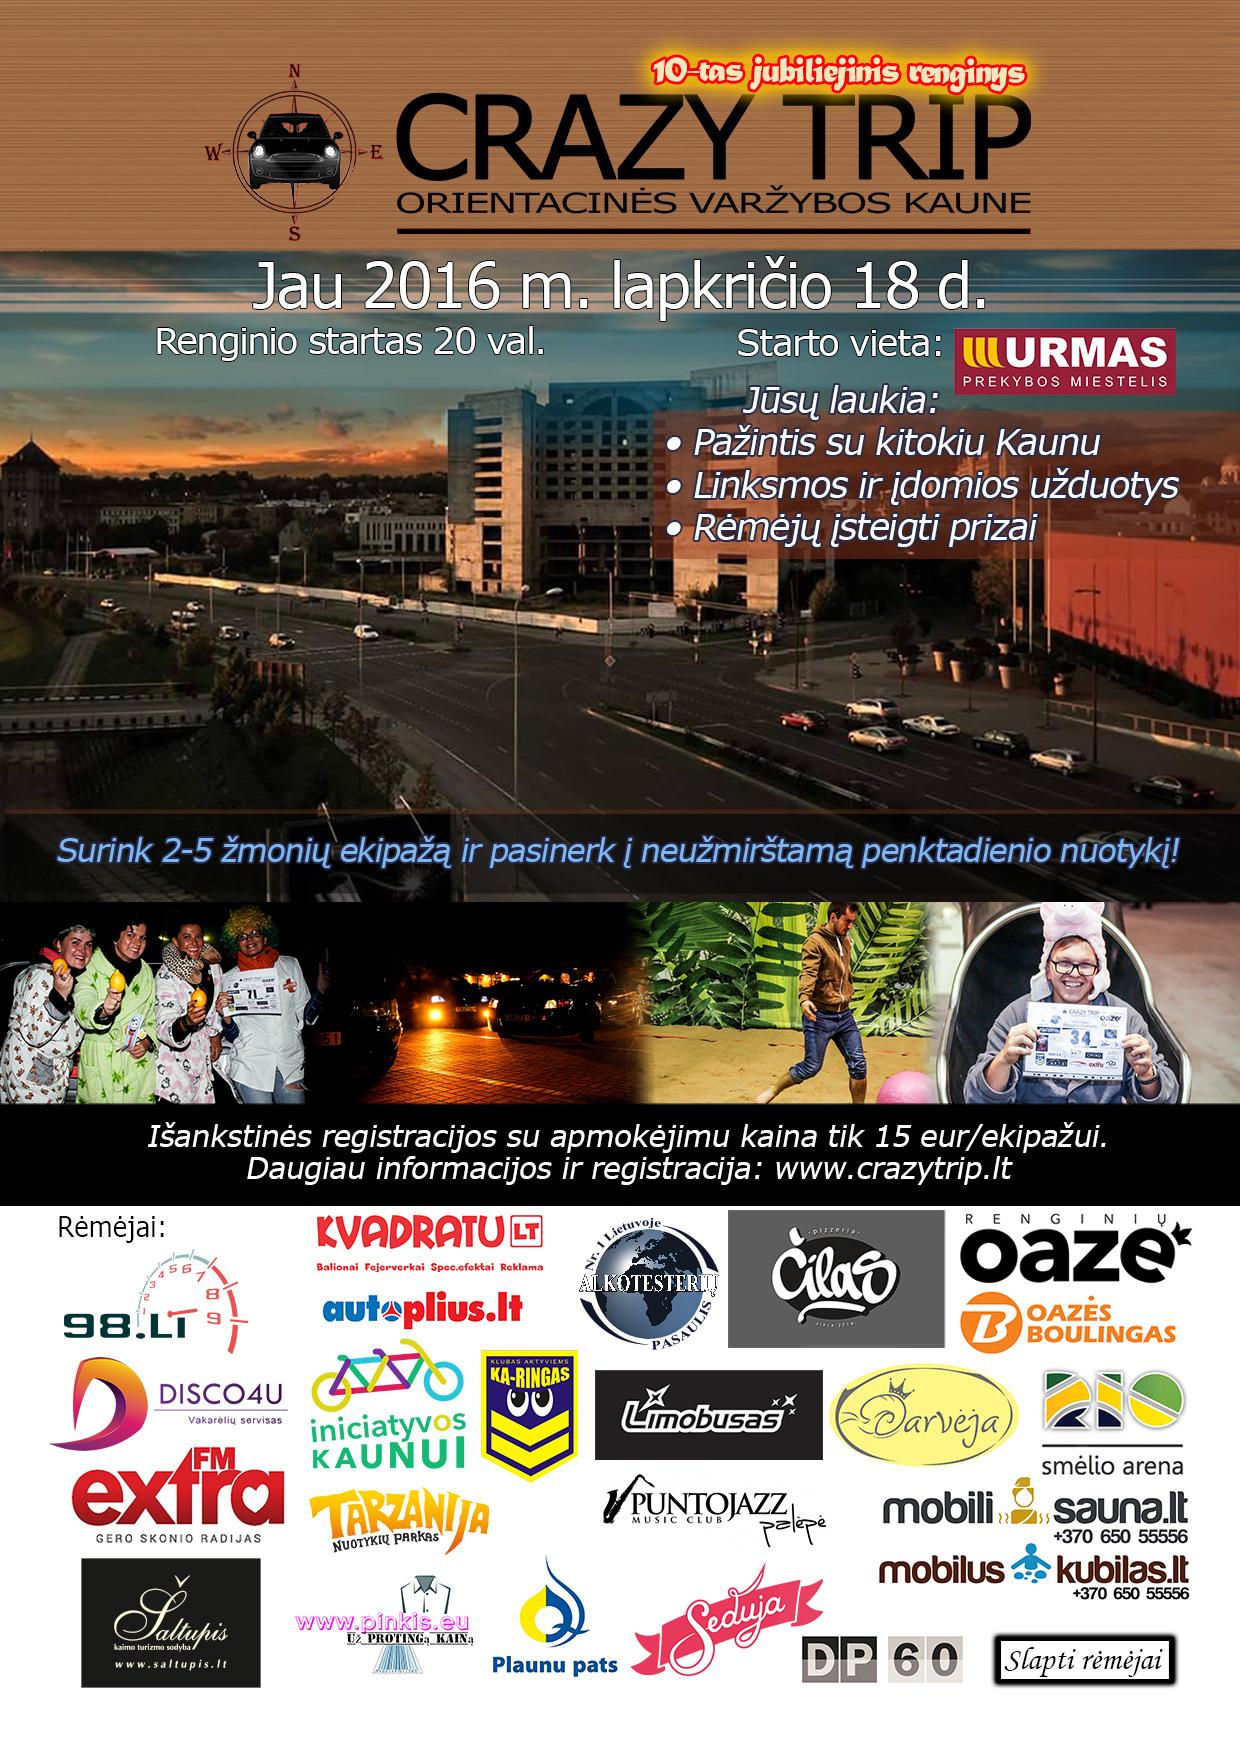 Pramoginės orientacinės automobilių varžybos Kaune CRAZY TRIP 2016-11-18